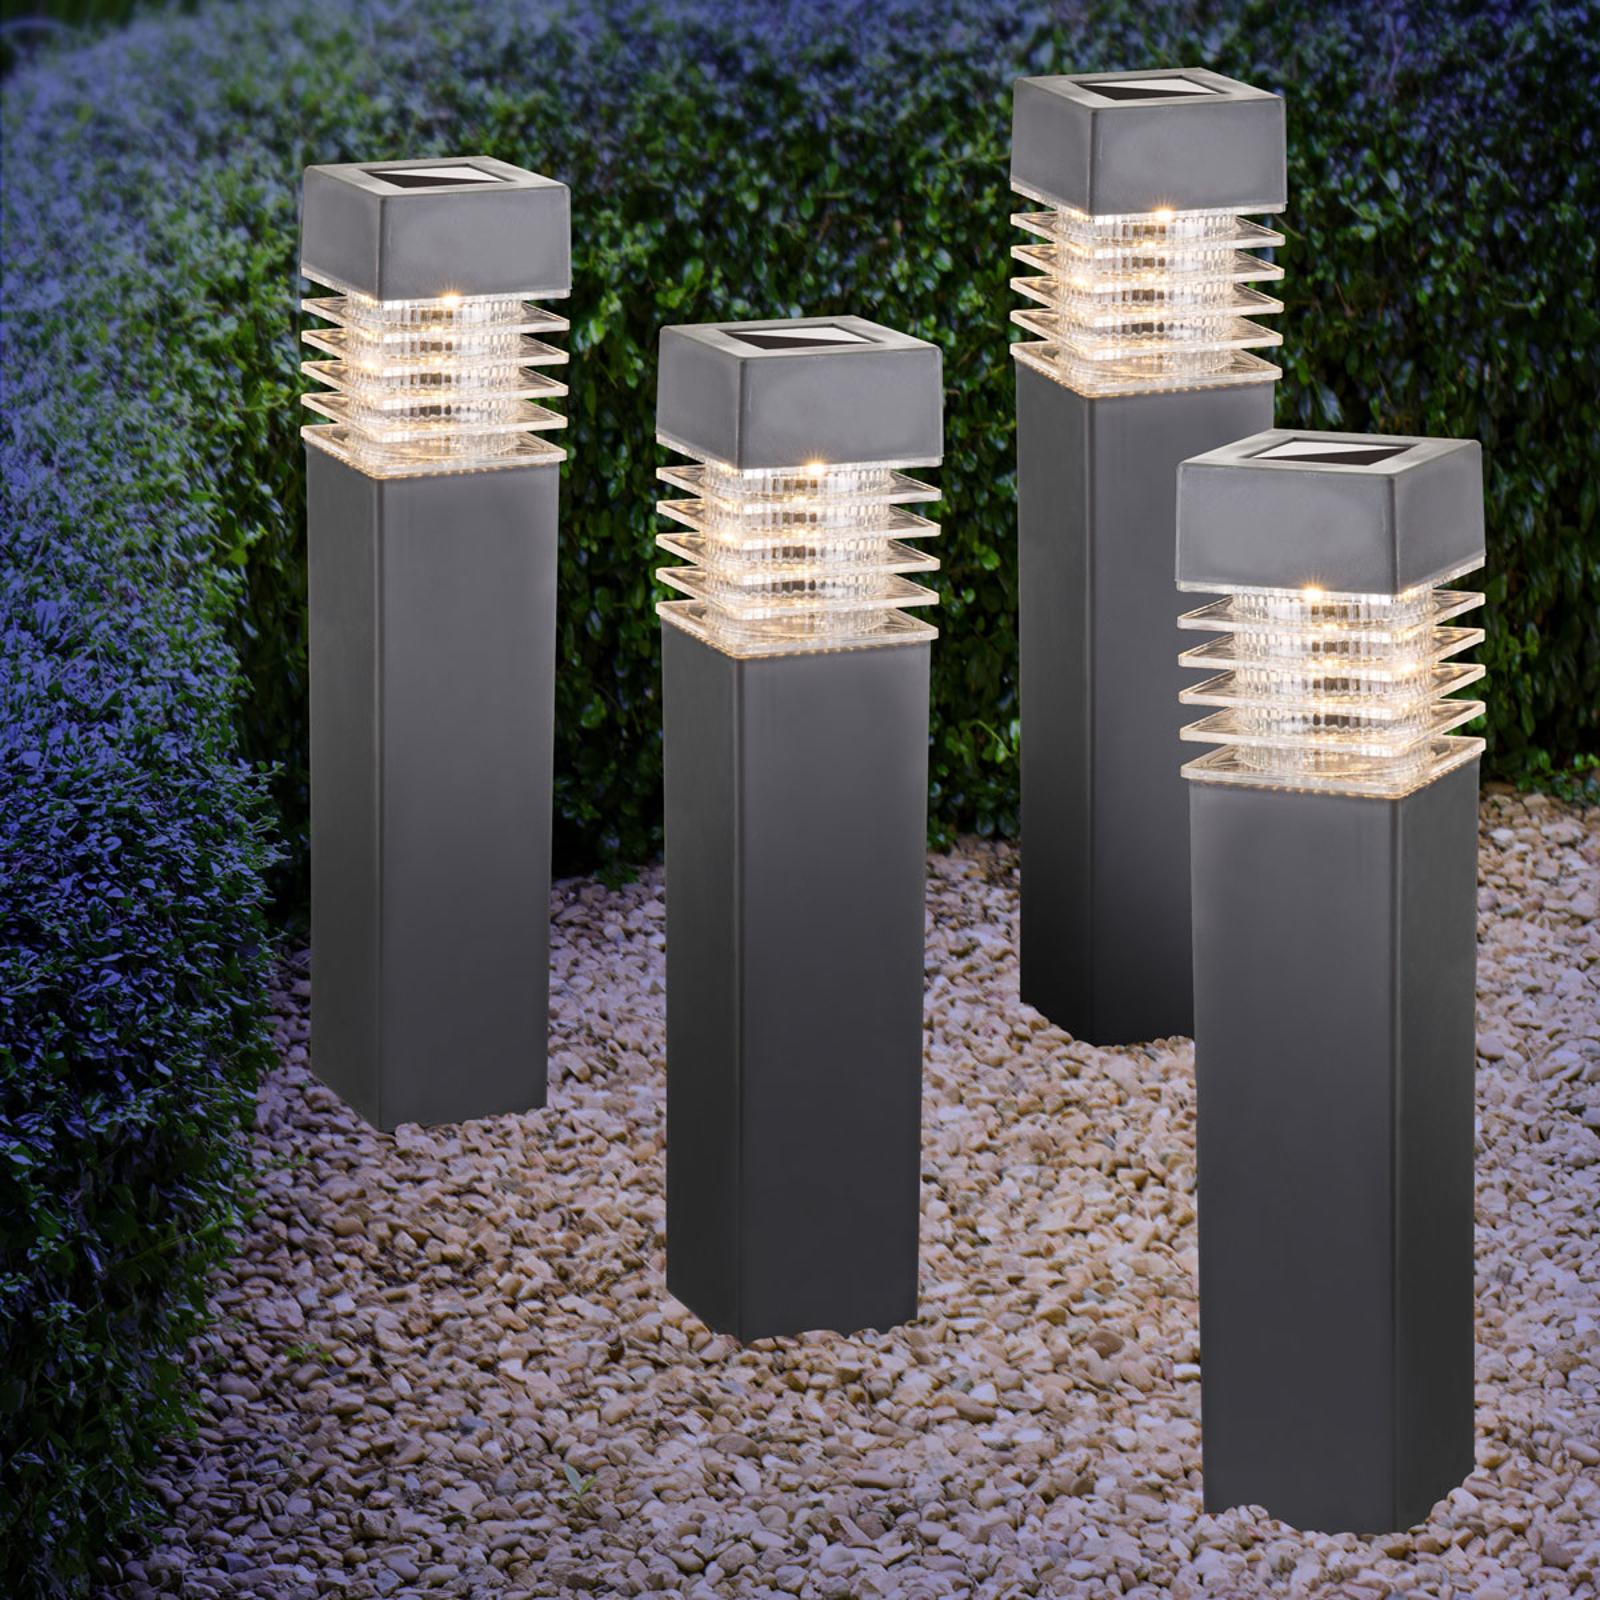 LED-solcellelampe 33269-4, jordspyd, 4'er sæt grå